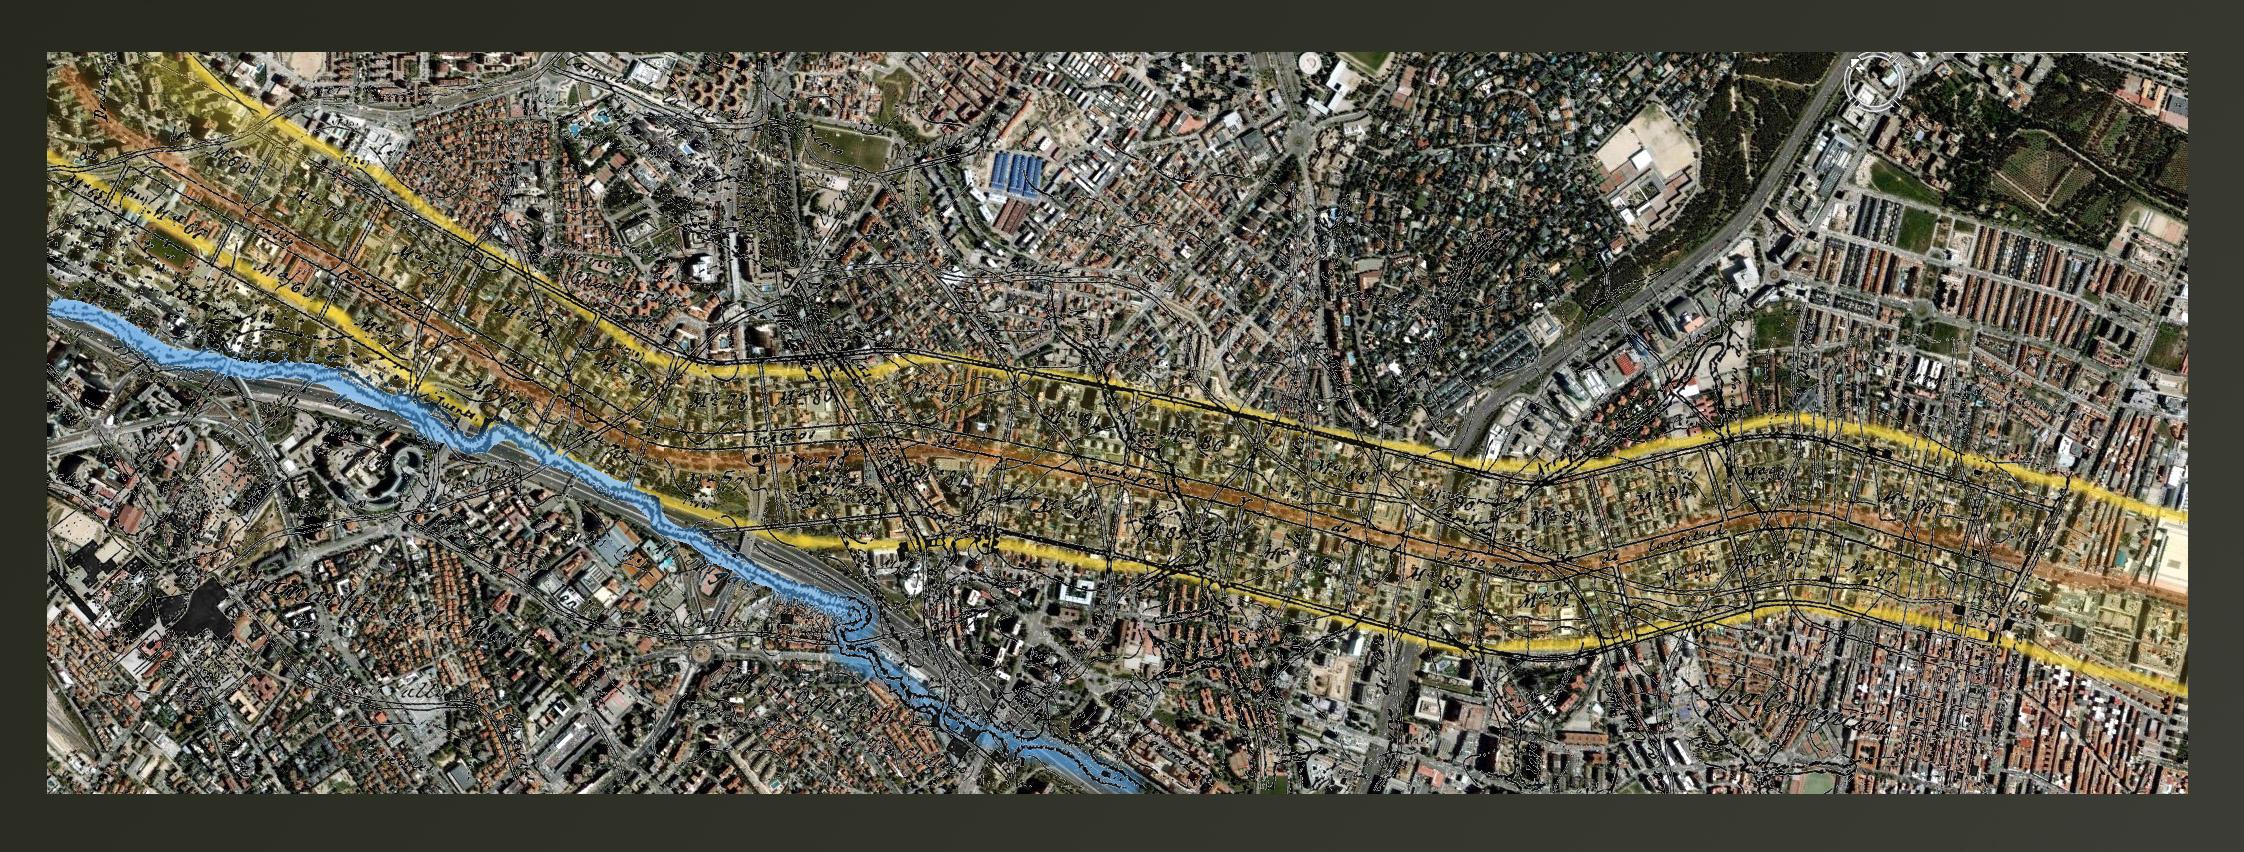 Ciudad Lineal de Arturo Soria  Urban Idade